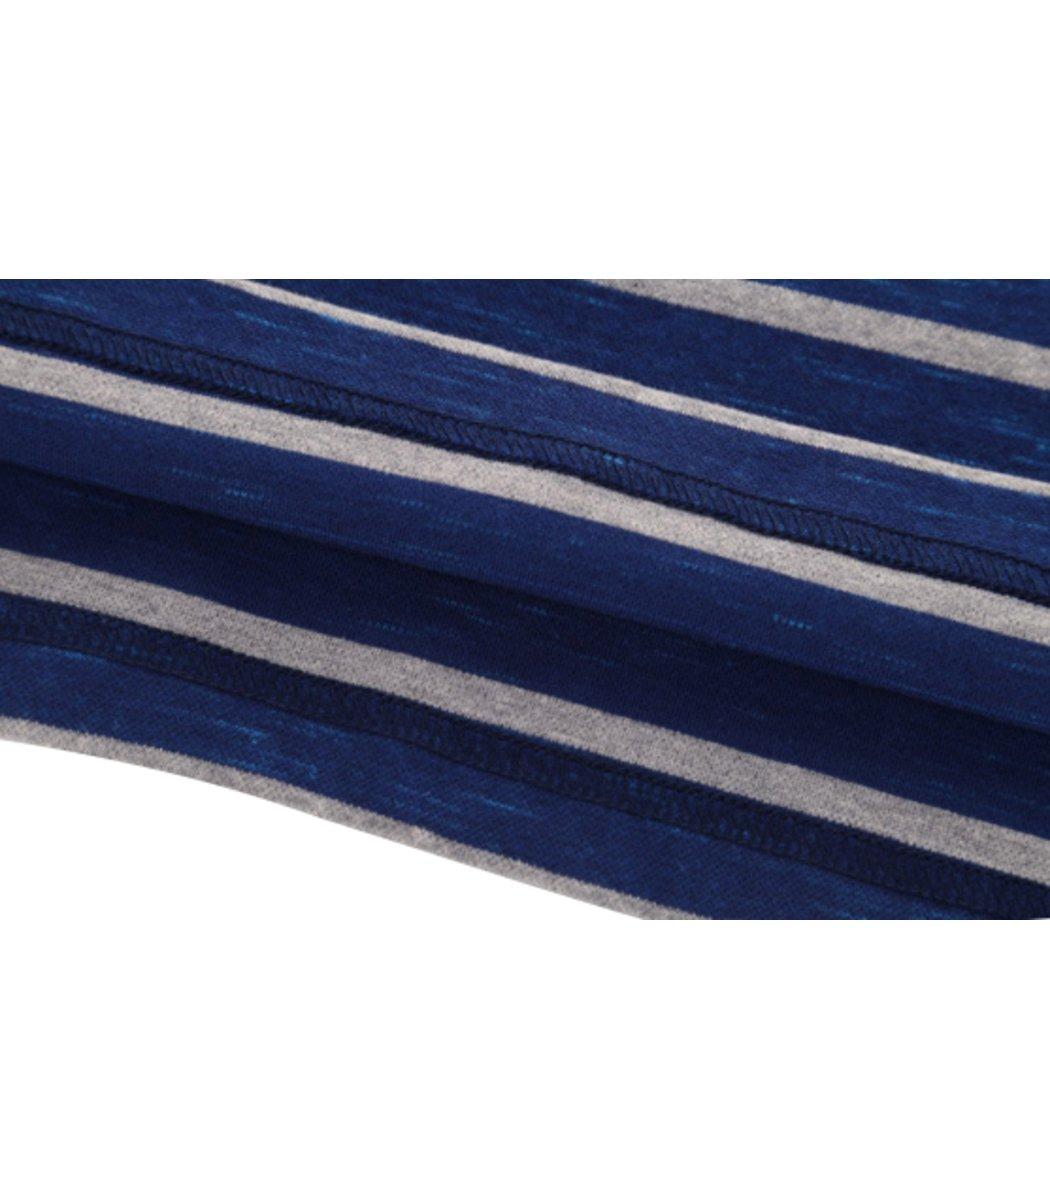 Поло с длинным рукавом Paul Shark PS1 (Синий/Белый) - Синий/Белый - Вид 10